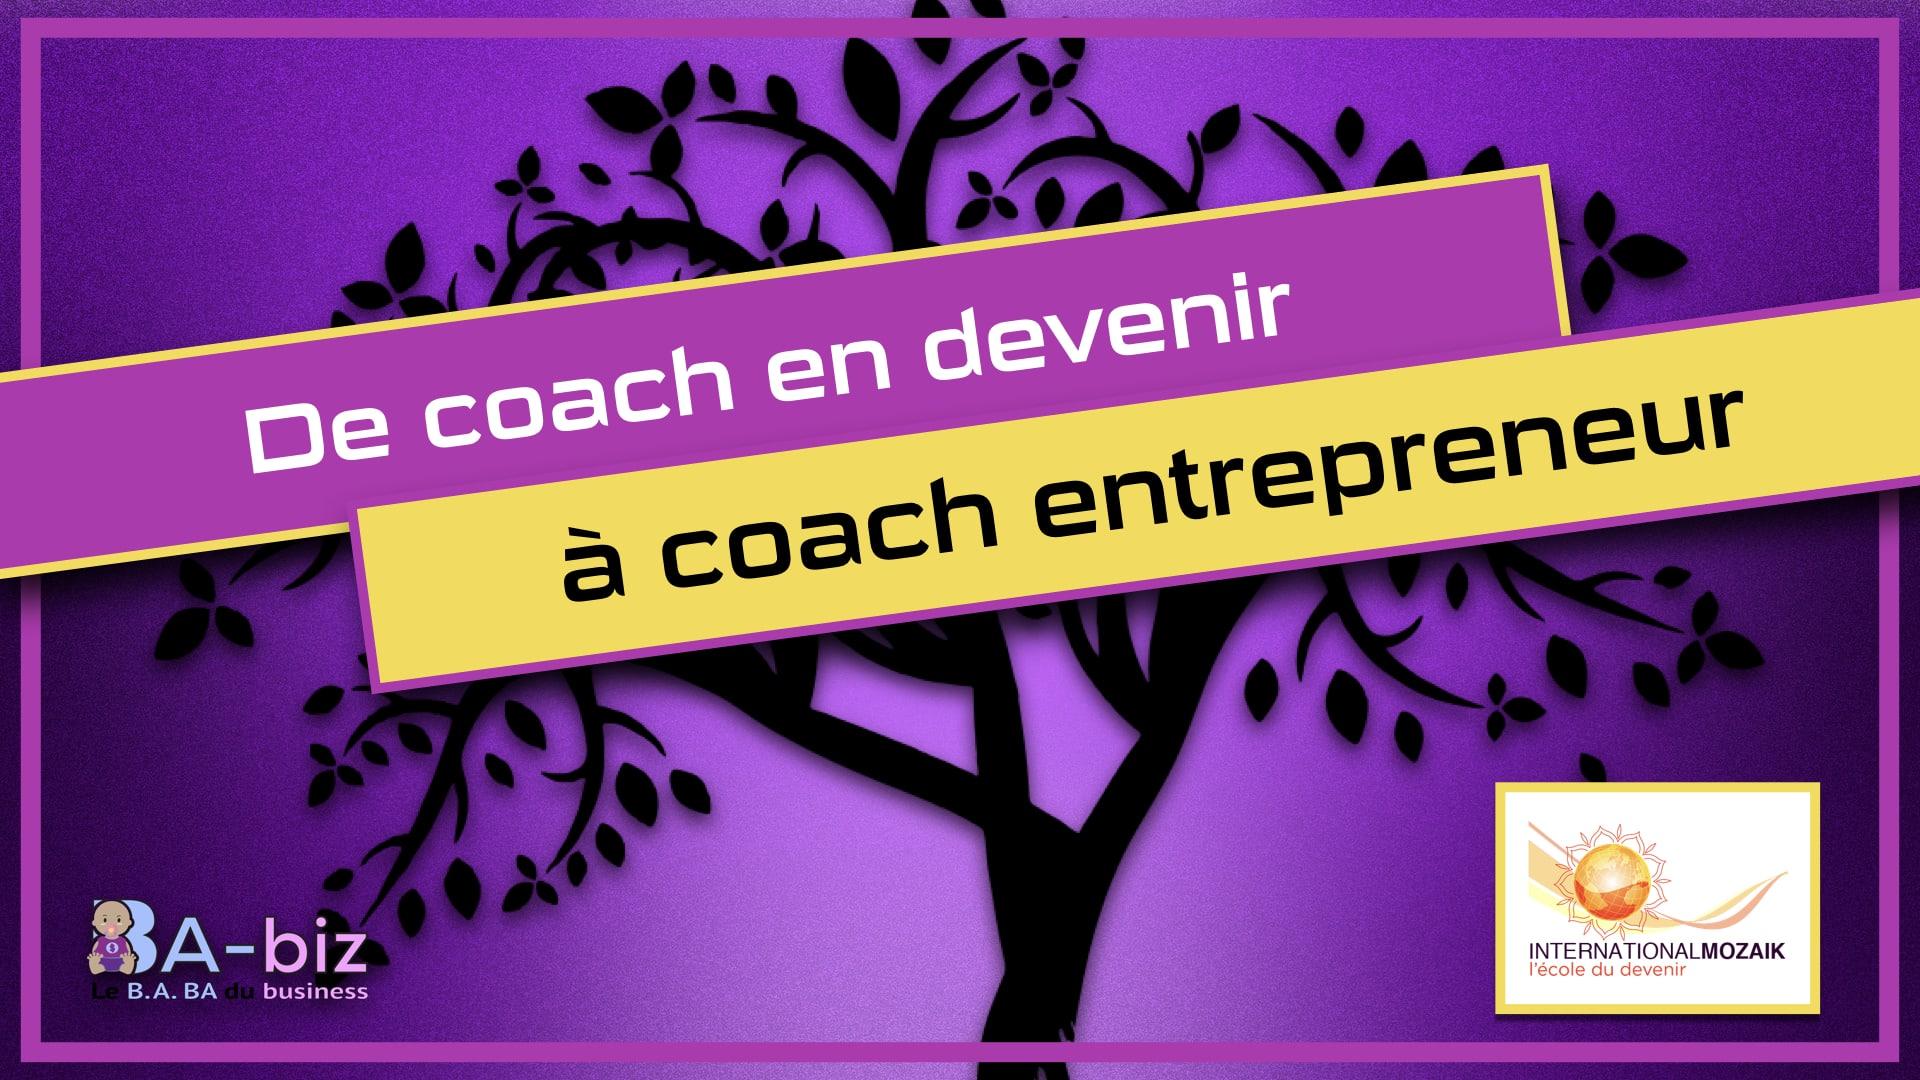 Devenir coach professionnel